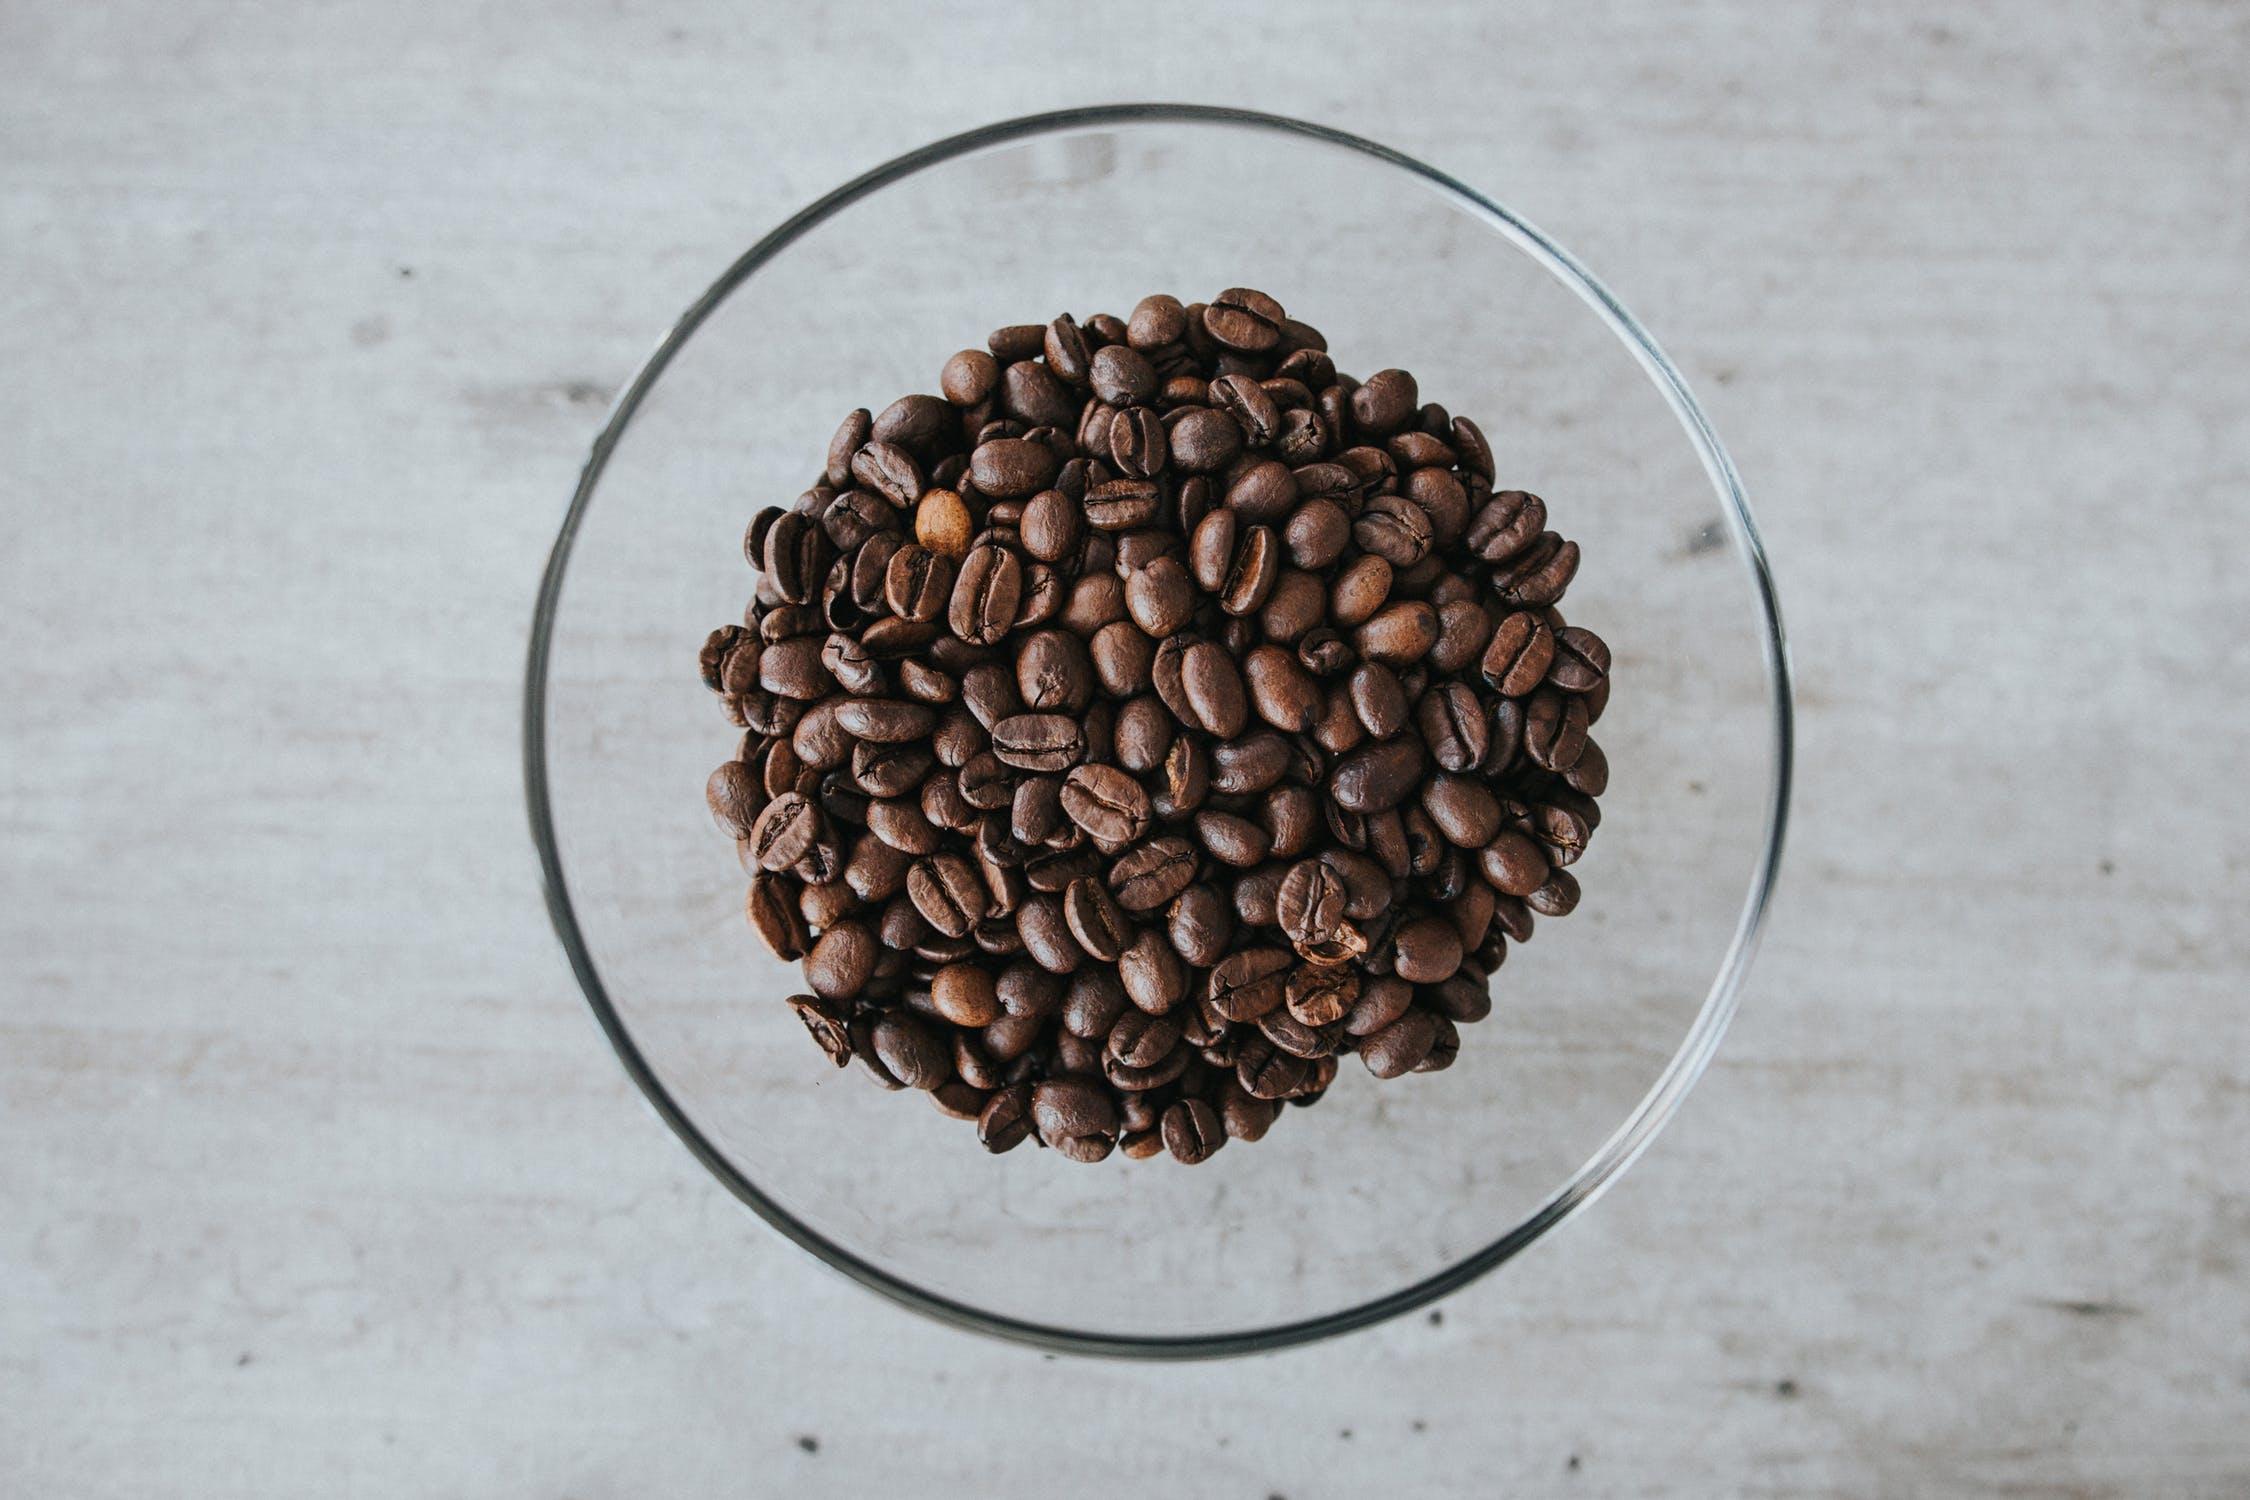 Bestil bæredygtige Nespresso kompatible kaffekapsler på abonnement hos biokapslen.dk